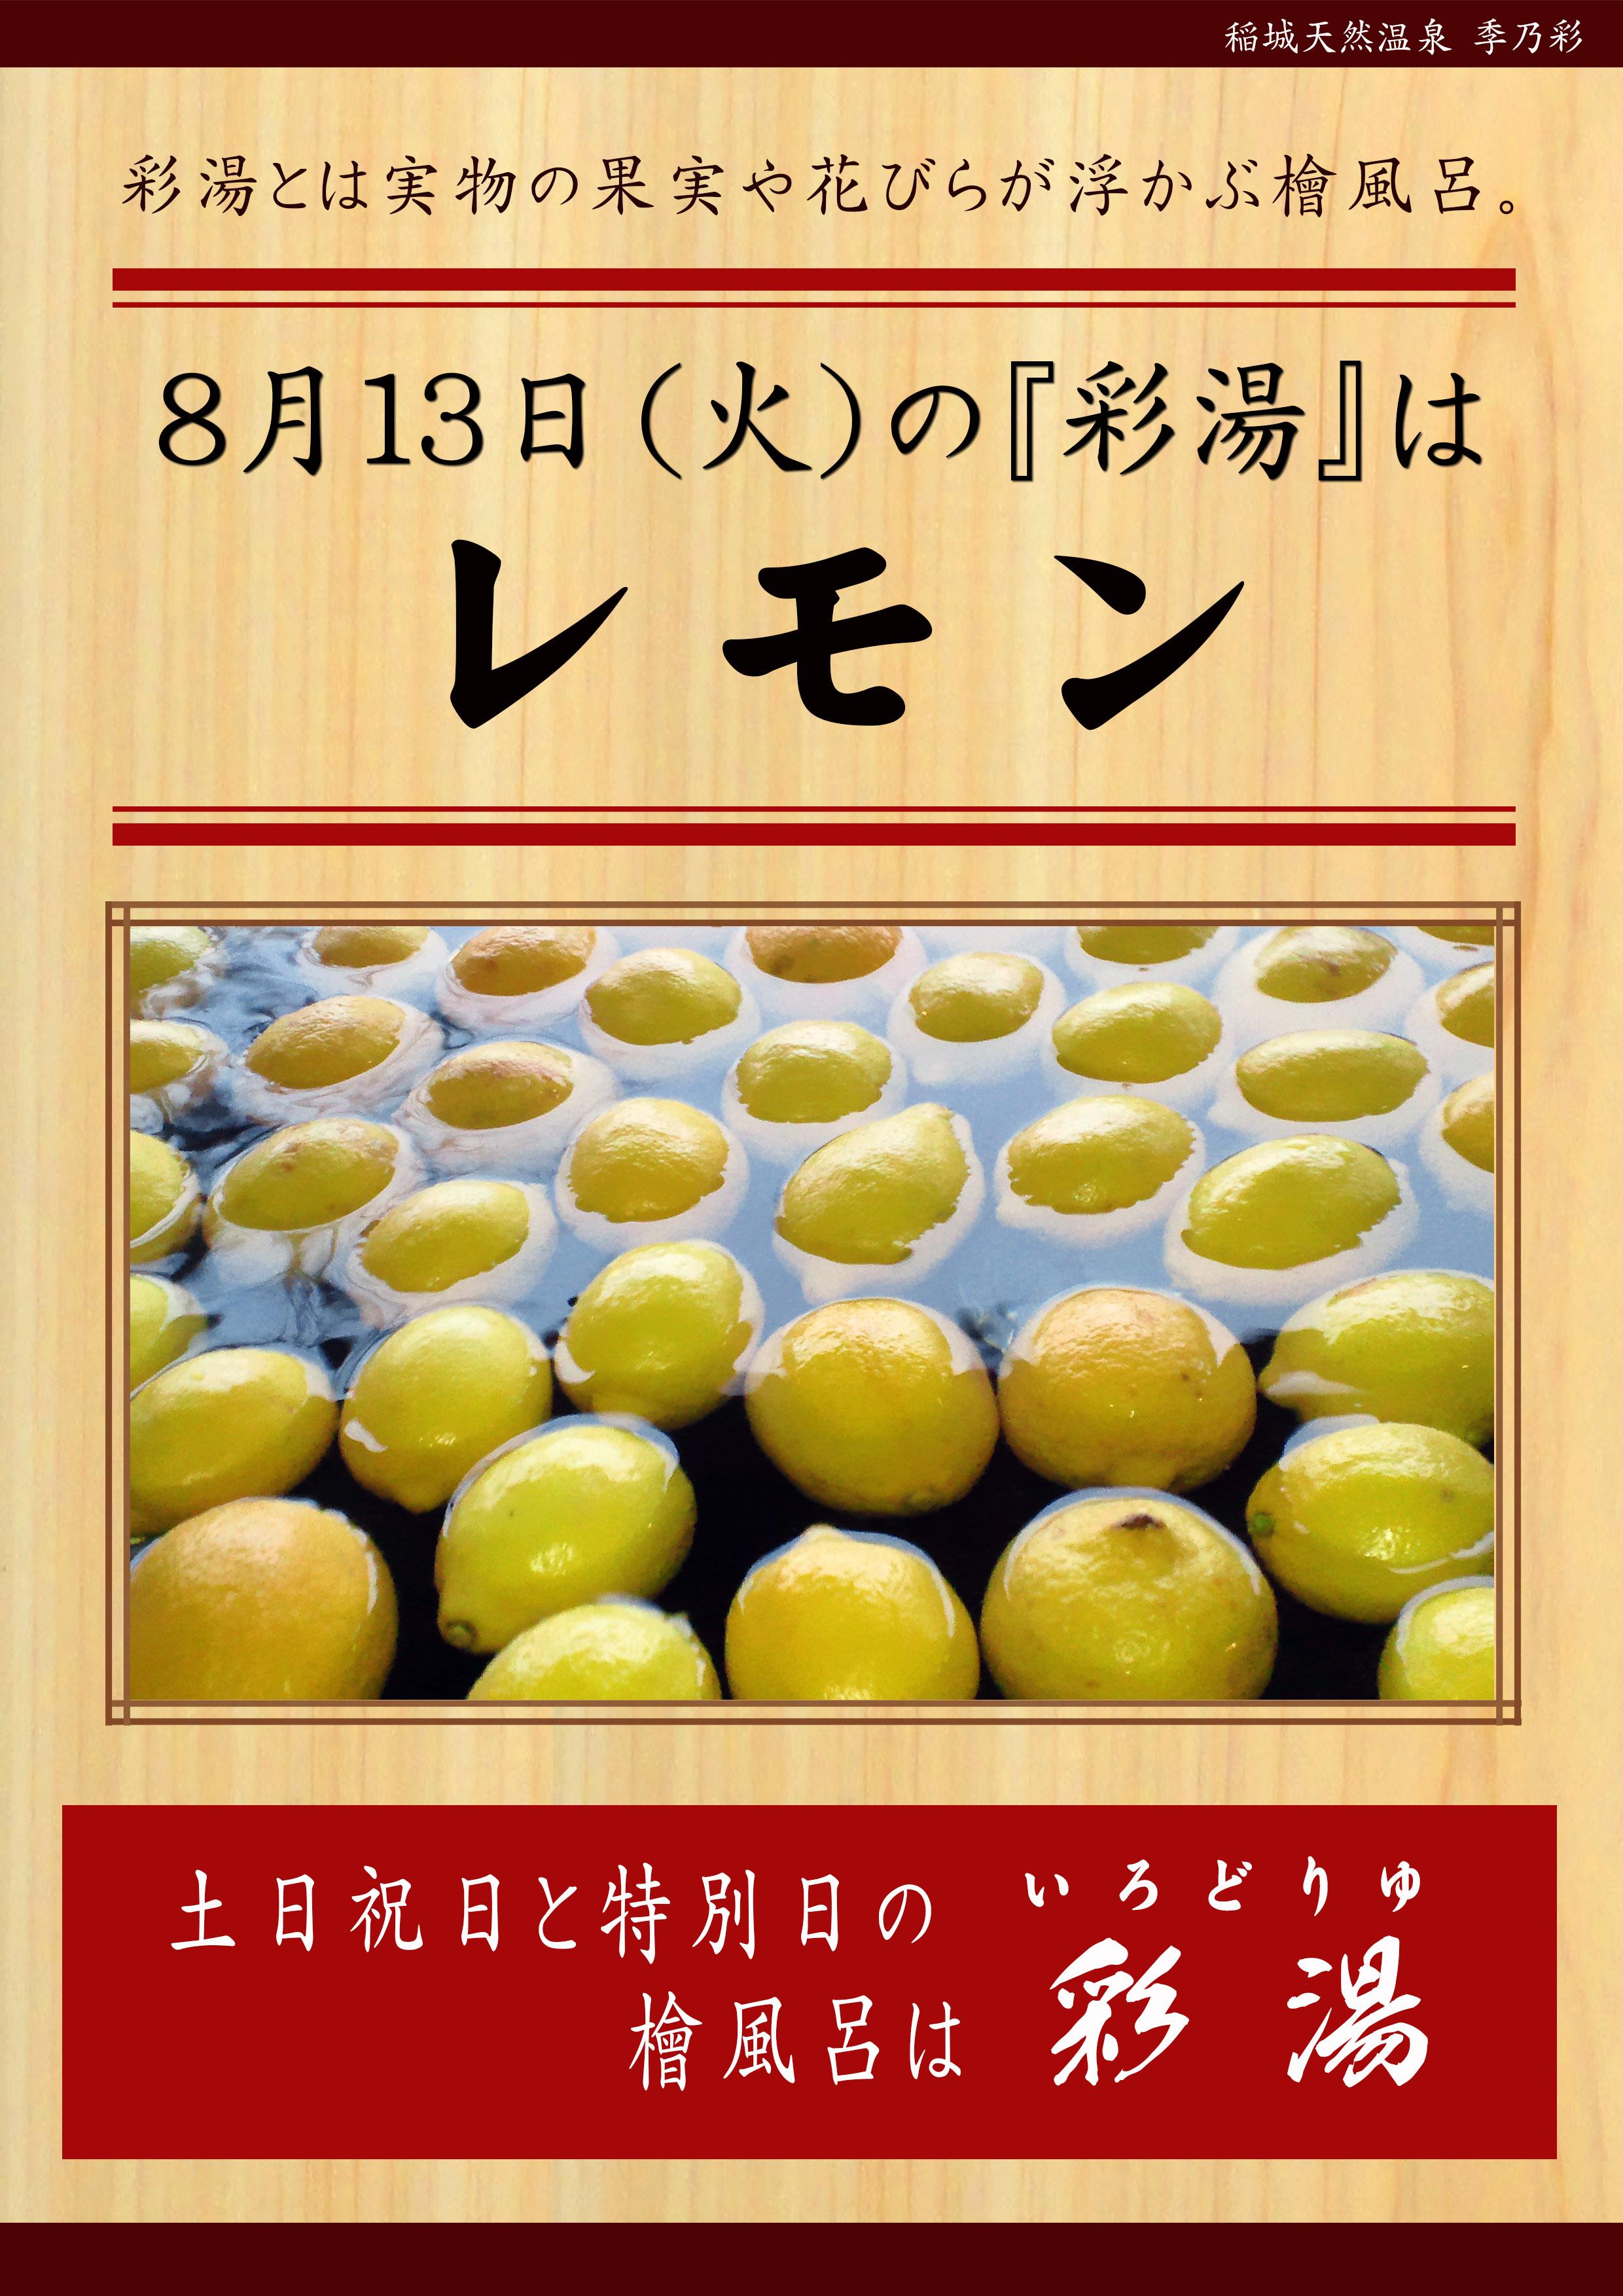 190813 彩湯 レモン